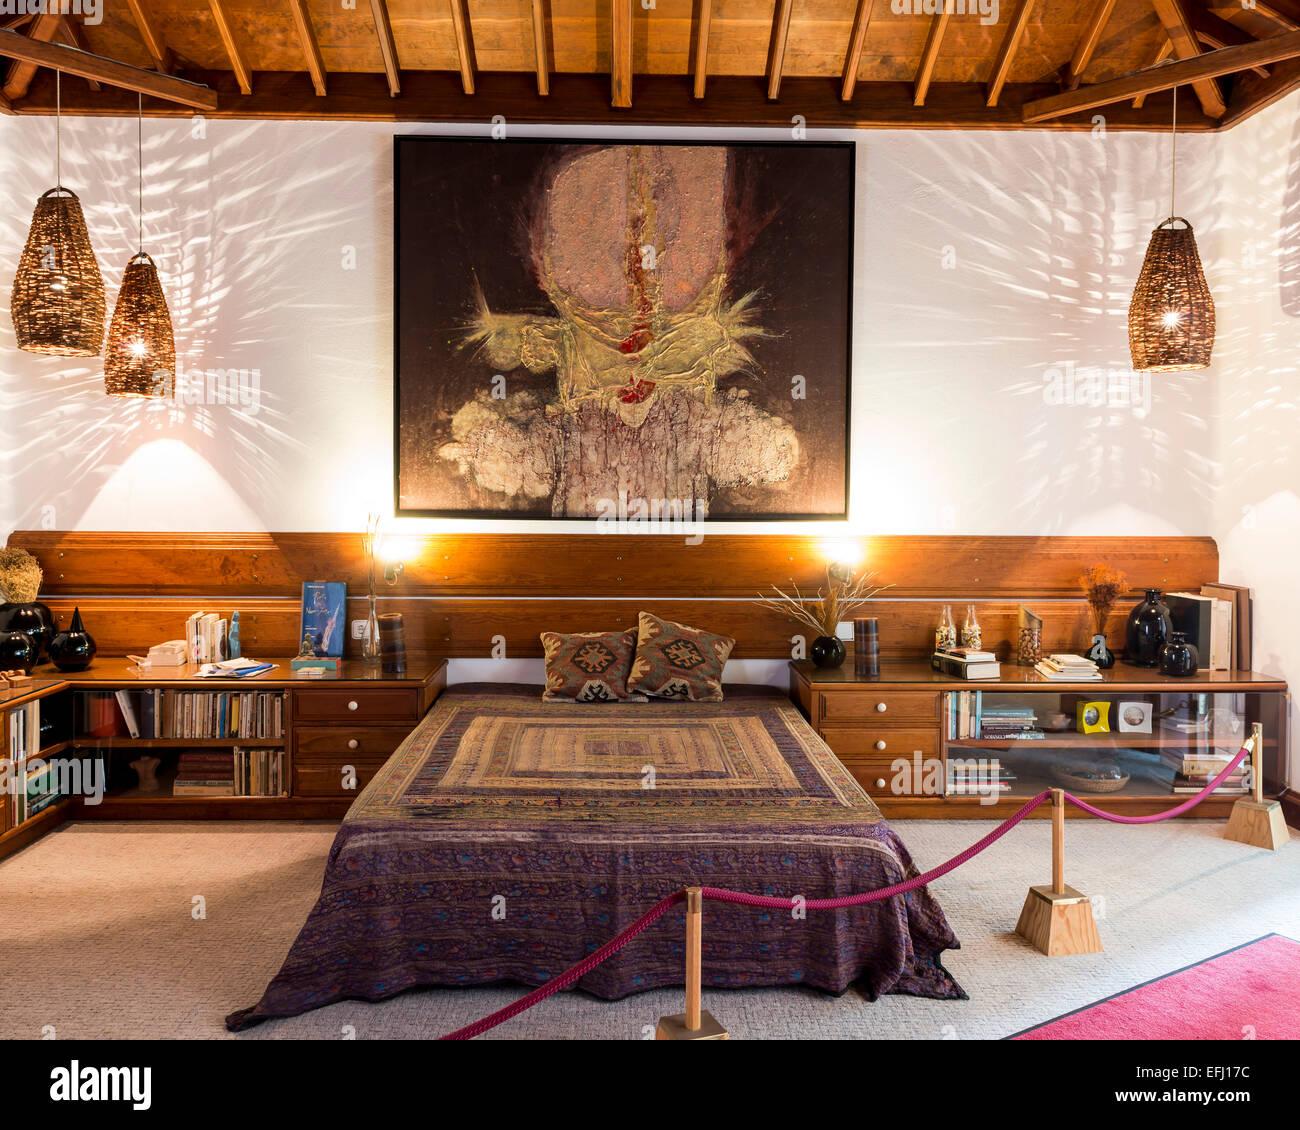 Casa museo cesar manrique lanzarote spain architect - Casa museo cesar manrique ...